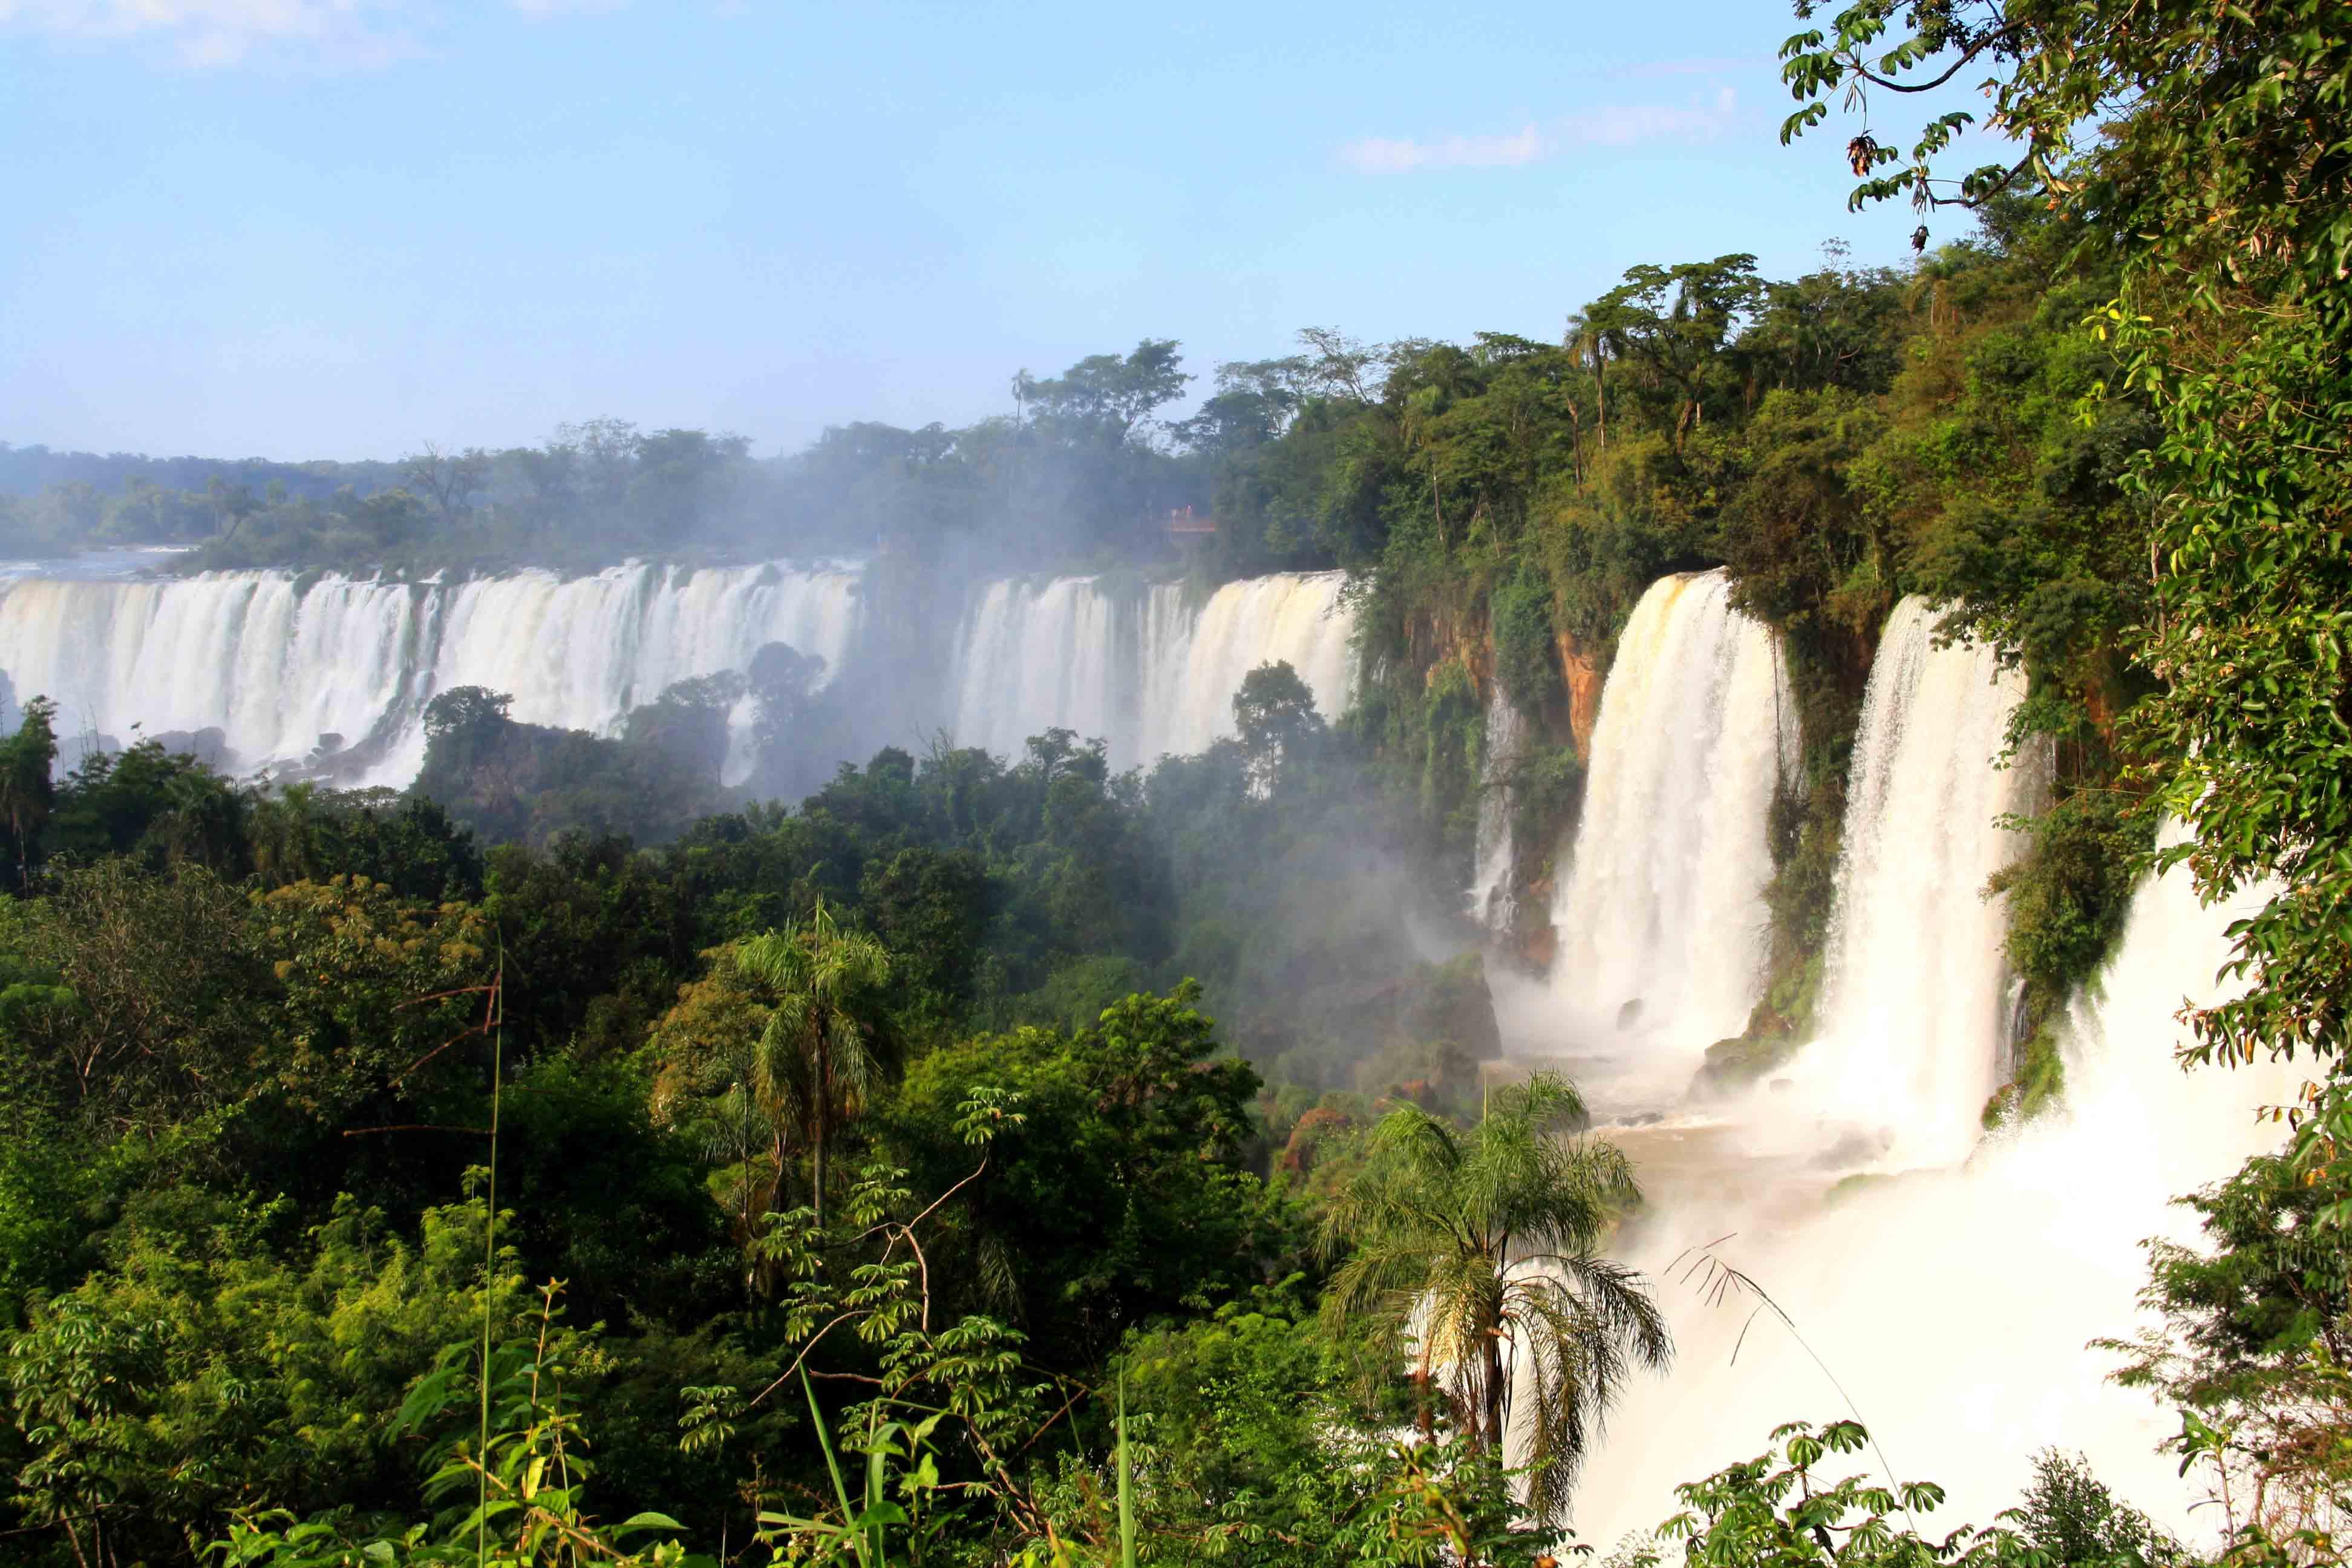 jungle_forest_iguazu_falls